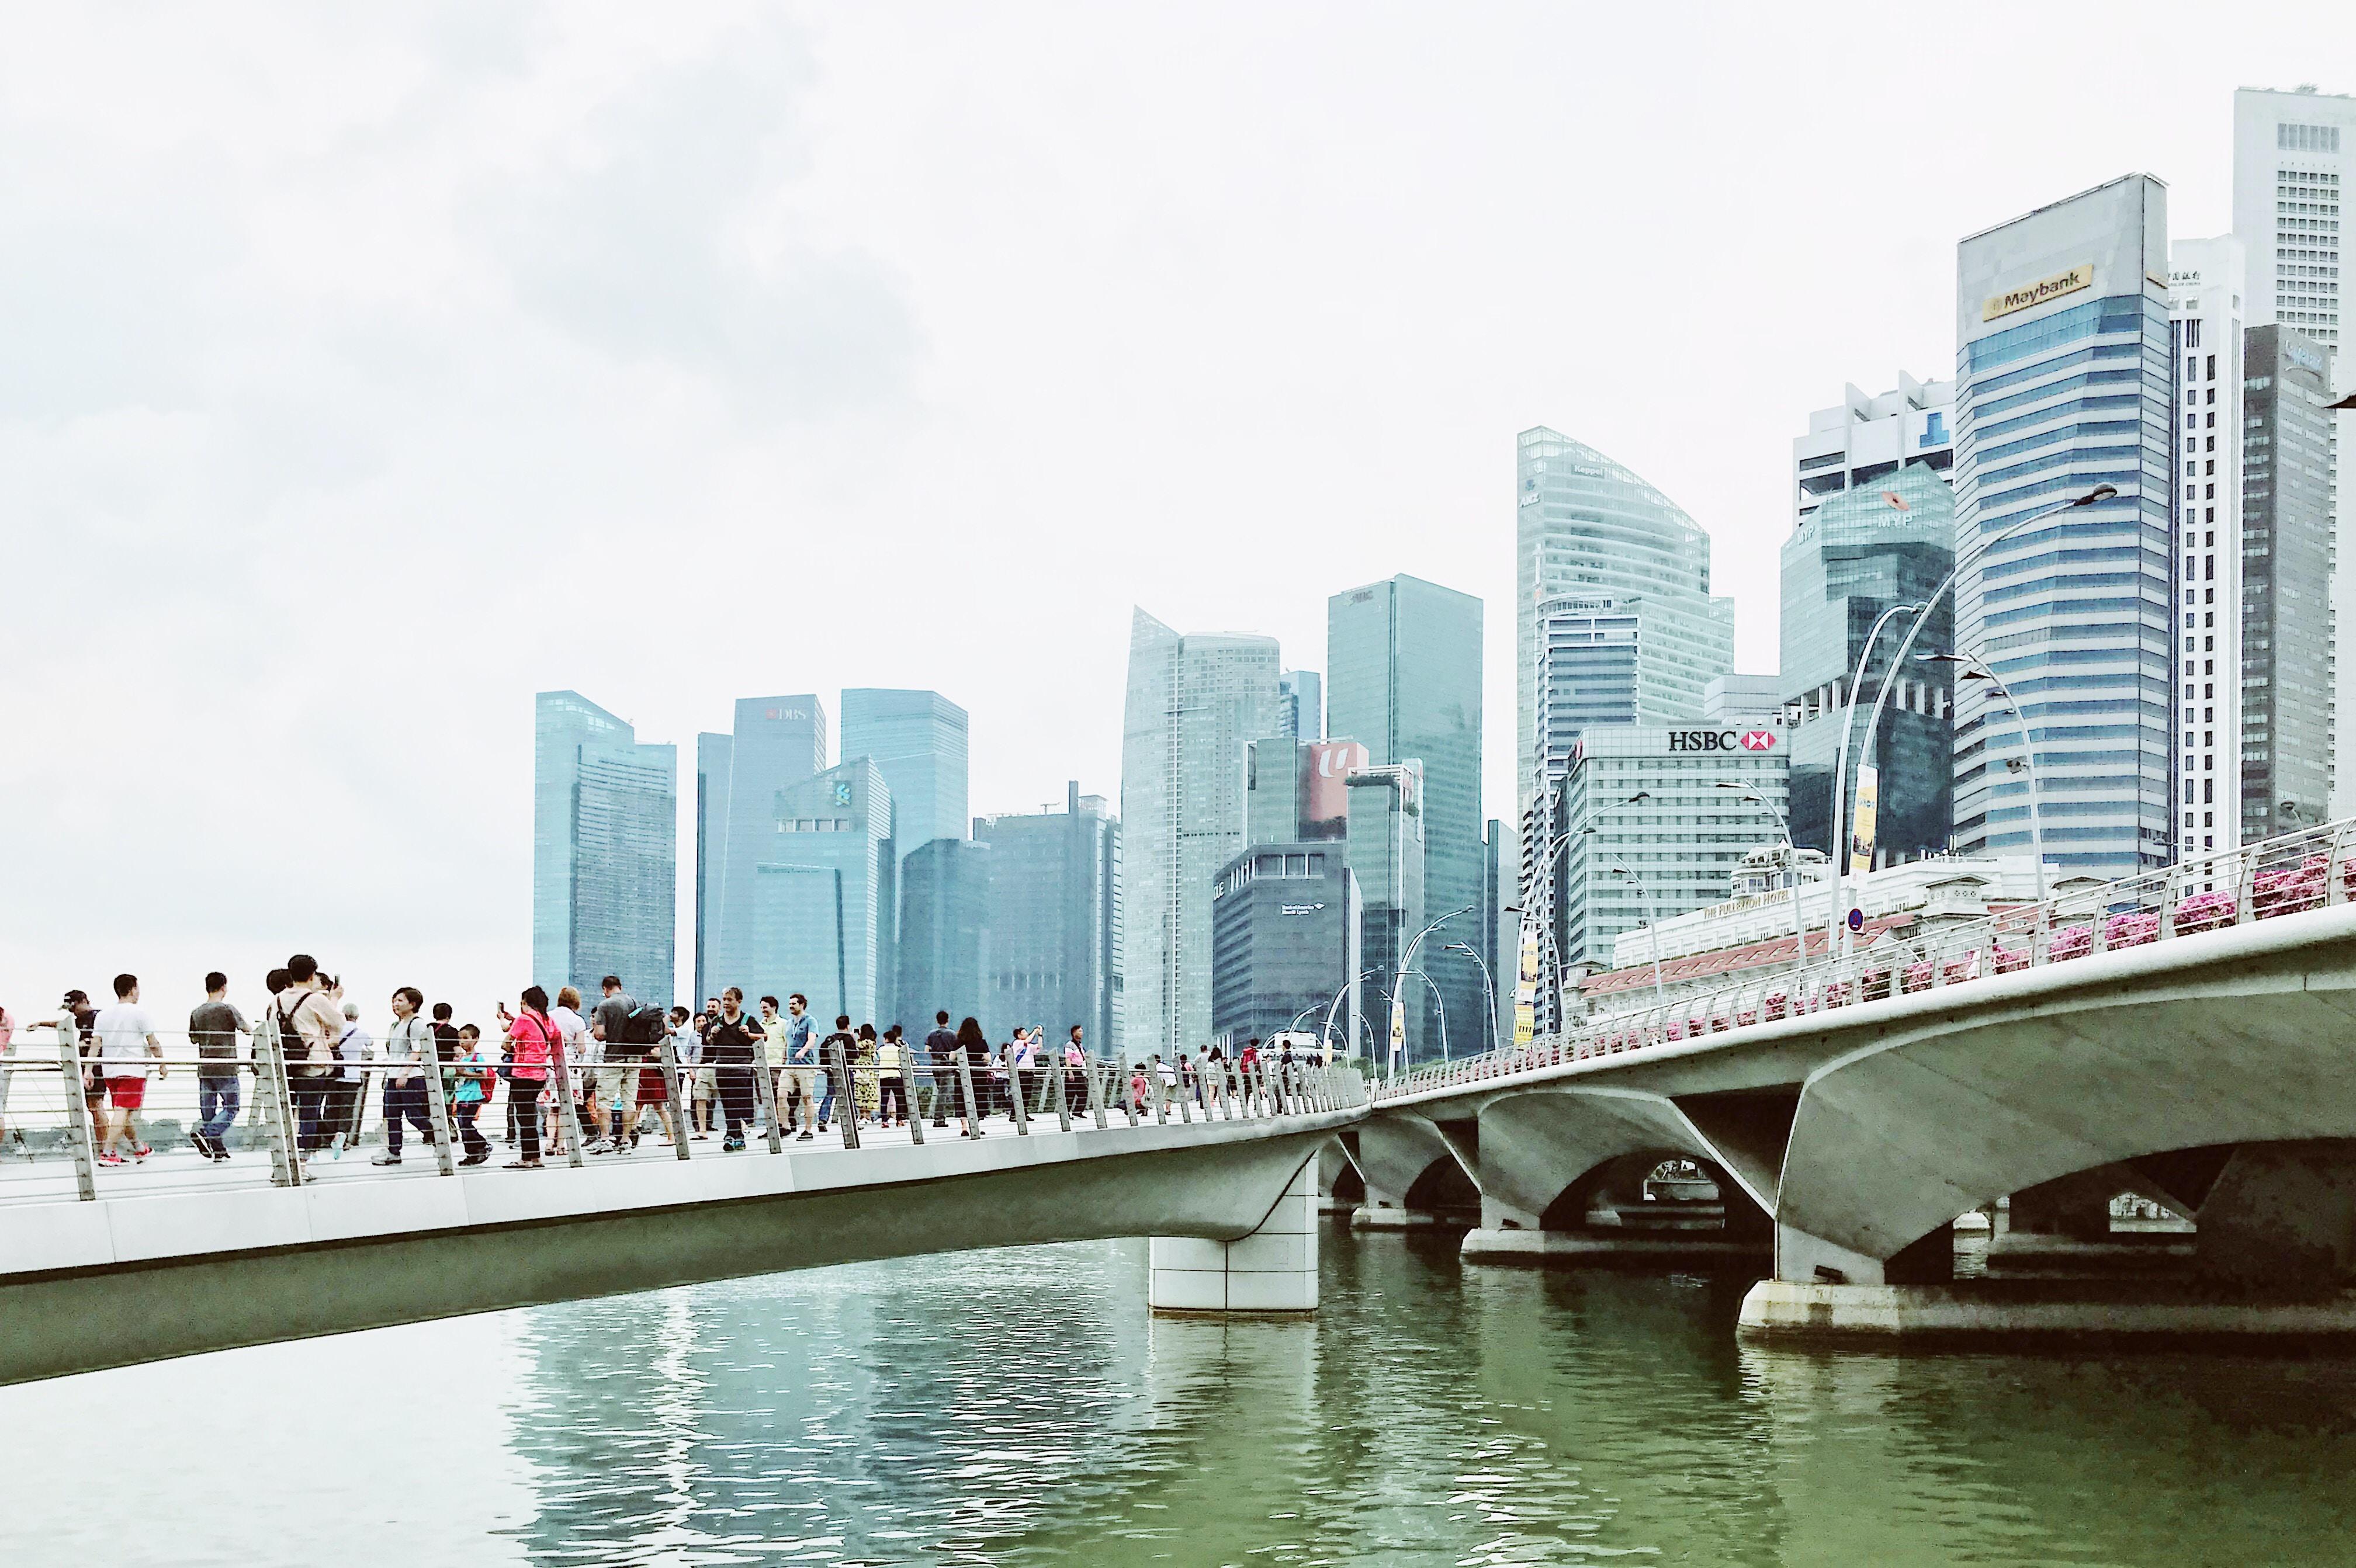 people waking on bridge during daytime